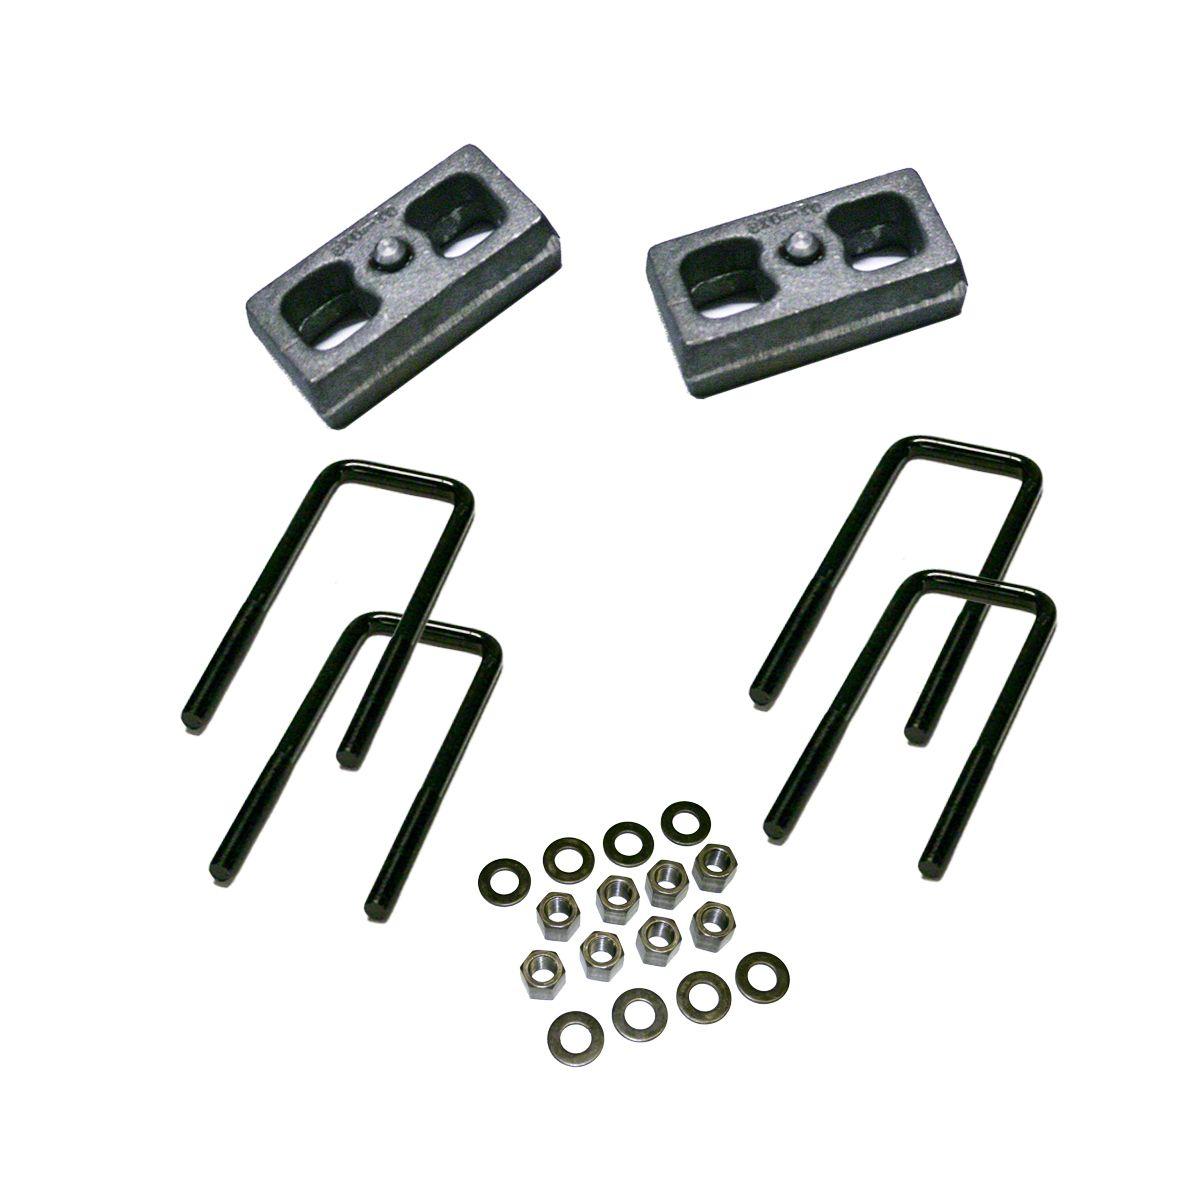 SuperLift 2 in. Rear Lift Block Kit (99-10 4WD Silverado 1500)